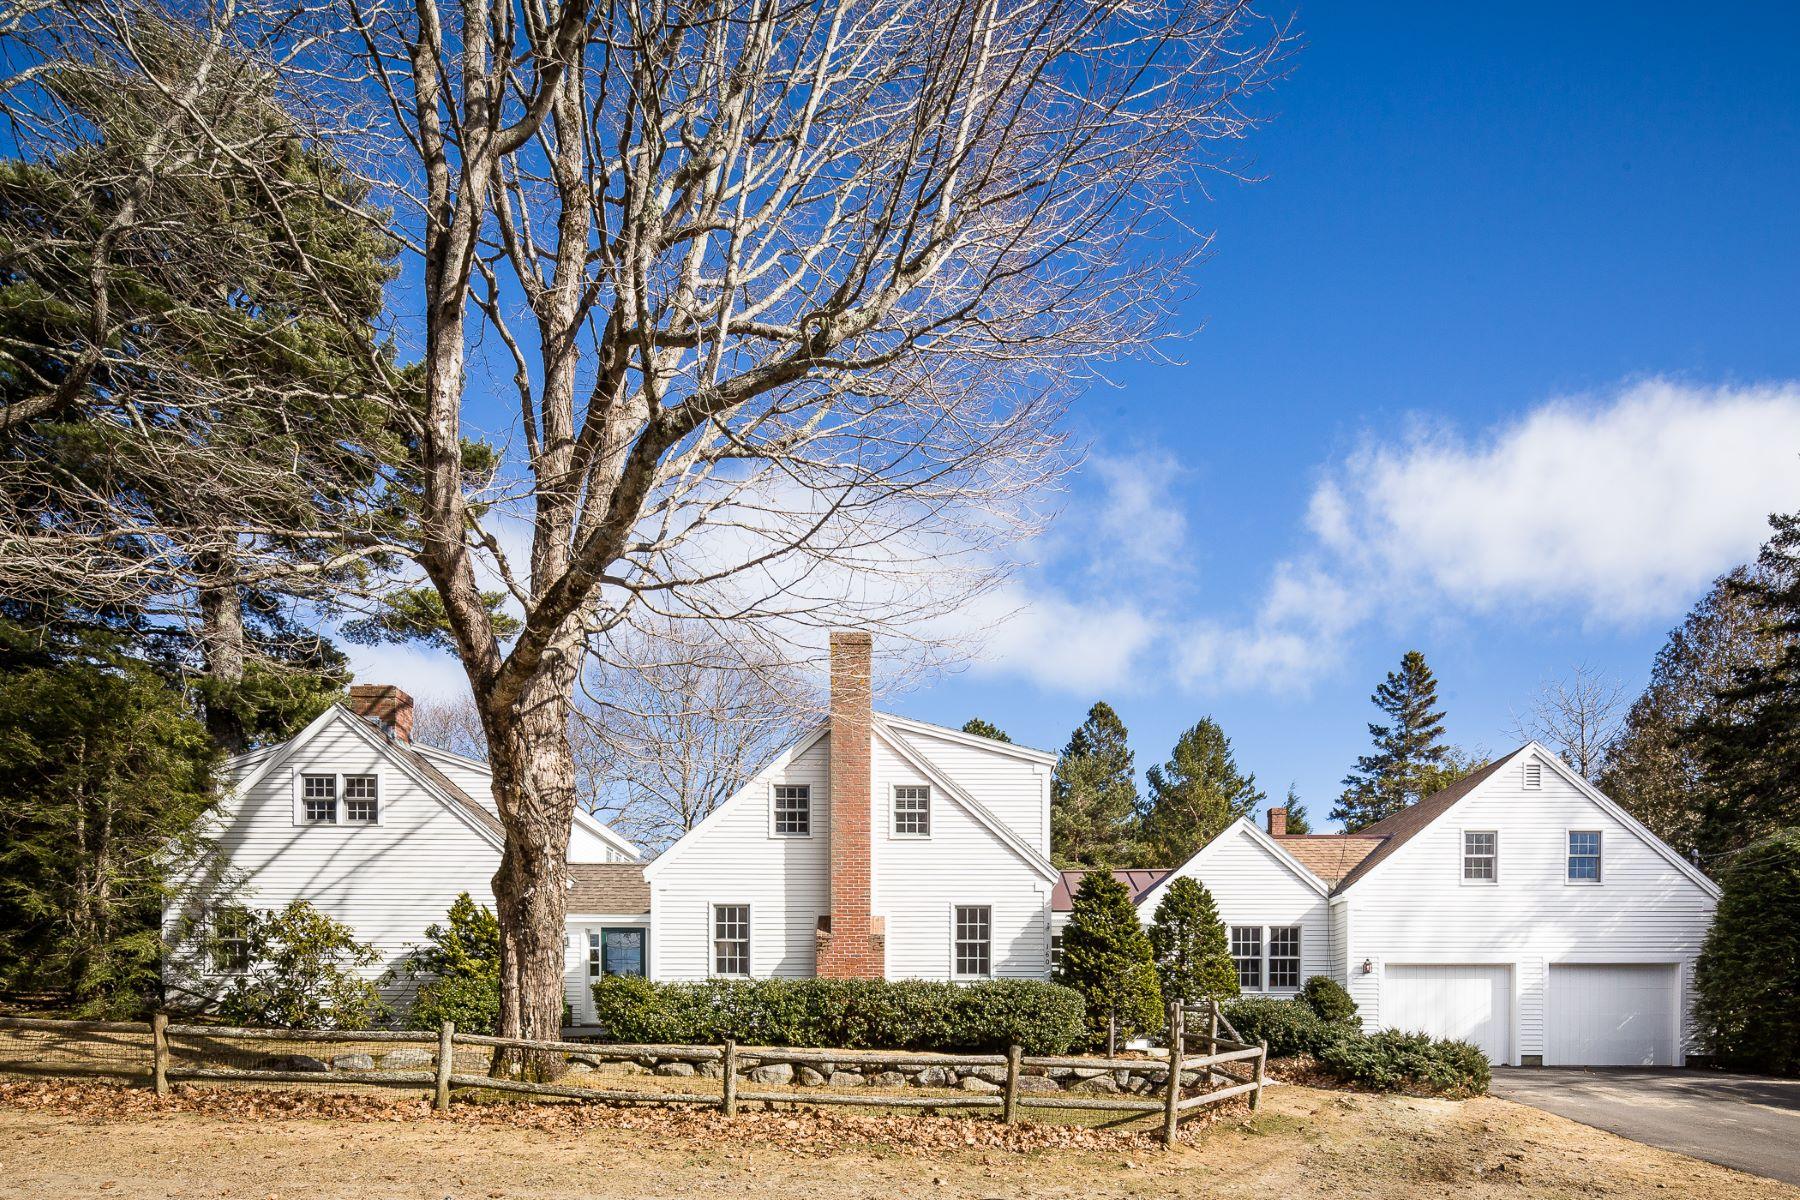 Частный односемейный дом для того Продажа на 160 Chestnut Street Camden, Мэн, 04843 Соединенные Штаты